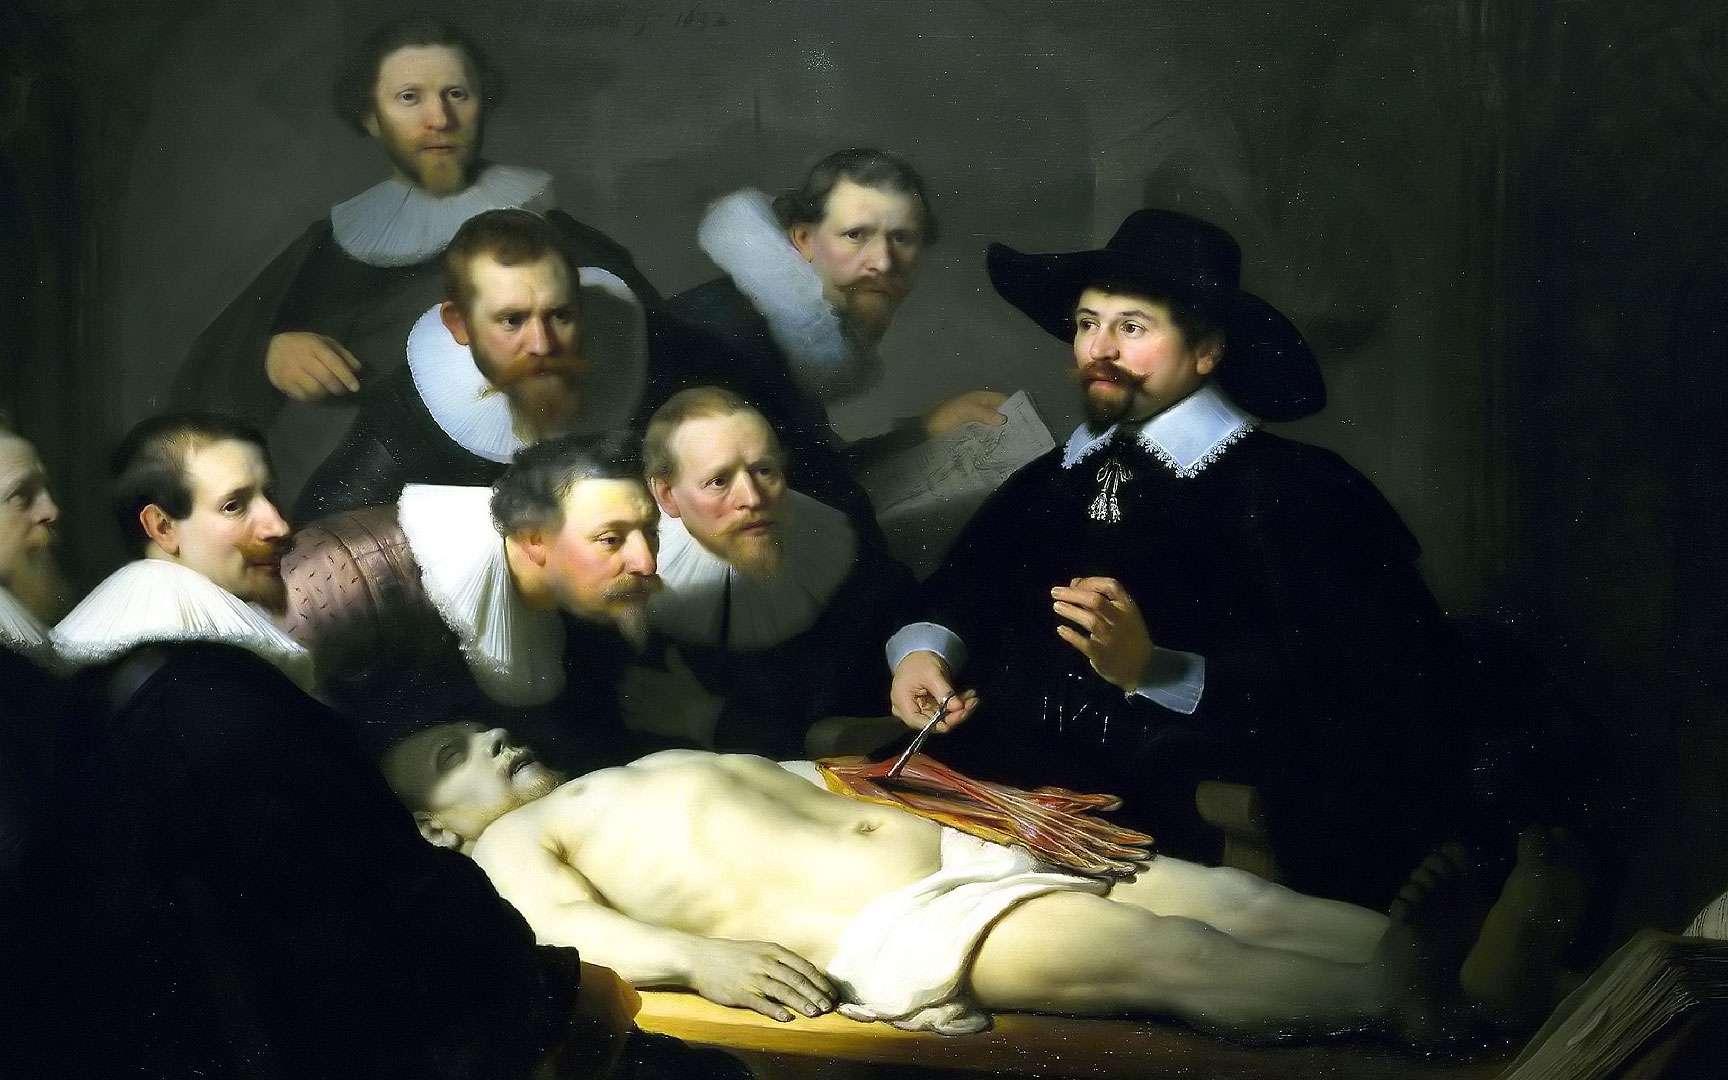 Avec la renaissance, le nombre d'autopsies et d'études anatomiques sur des cadavres humains a considérablement augmenté. © Leçon d'anatomie du docteur Tulp, Rembrandt, 1632, huile sur toile